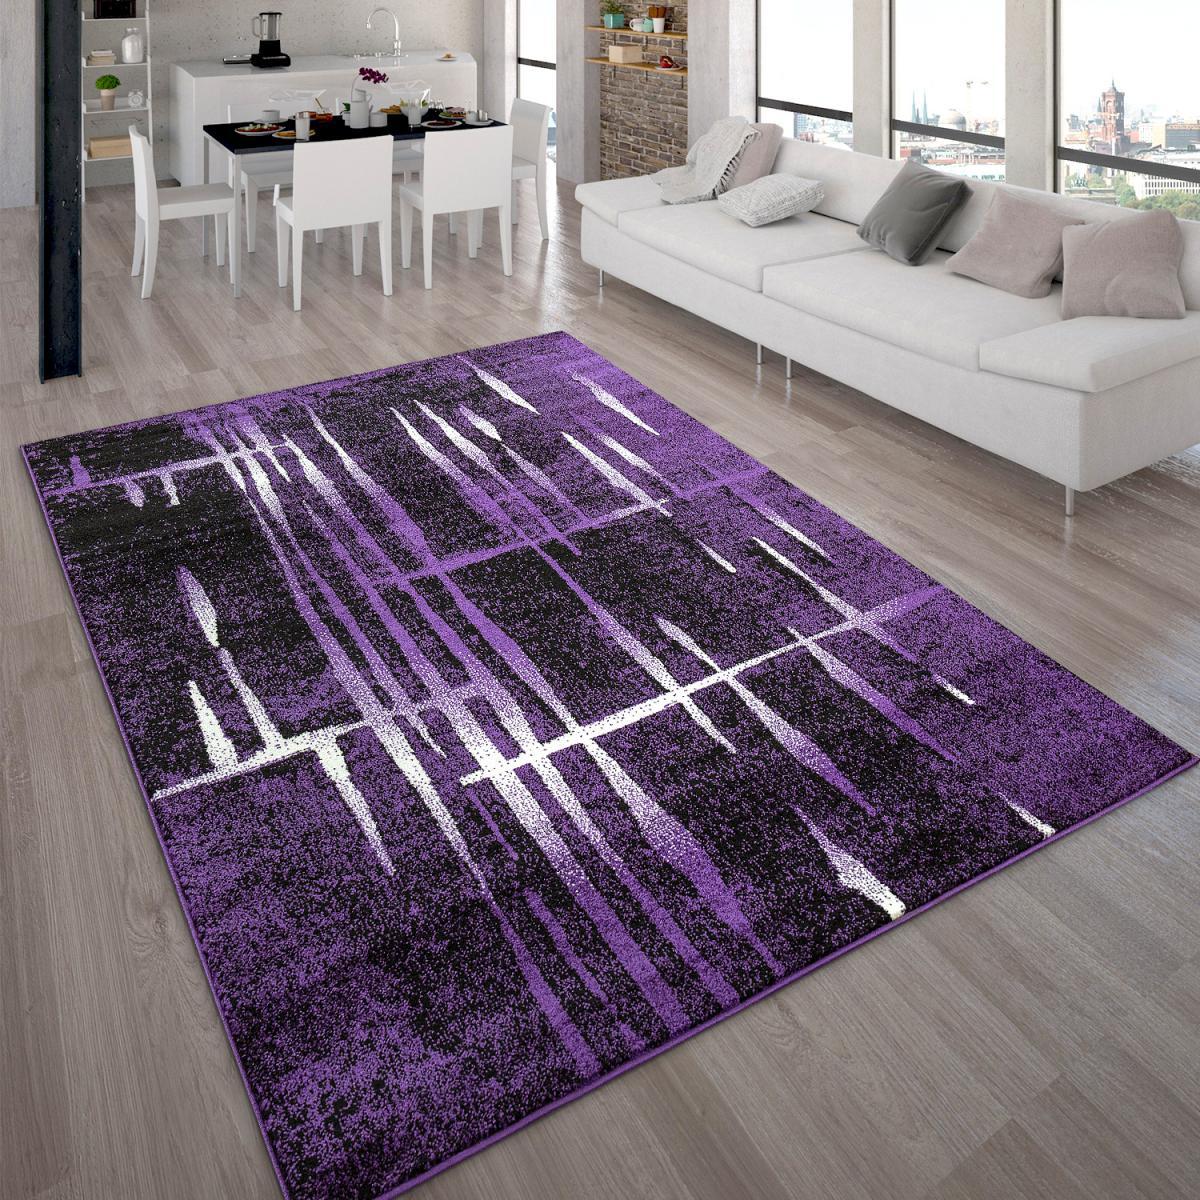 Paco-Home Tapis Design Moderne Poil Court Trendy Violet Crème Moucheté